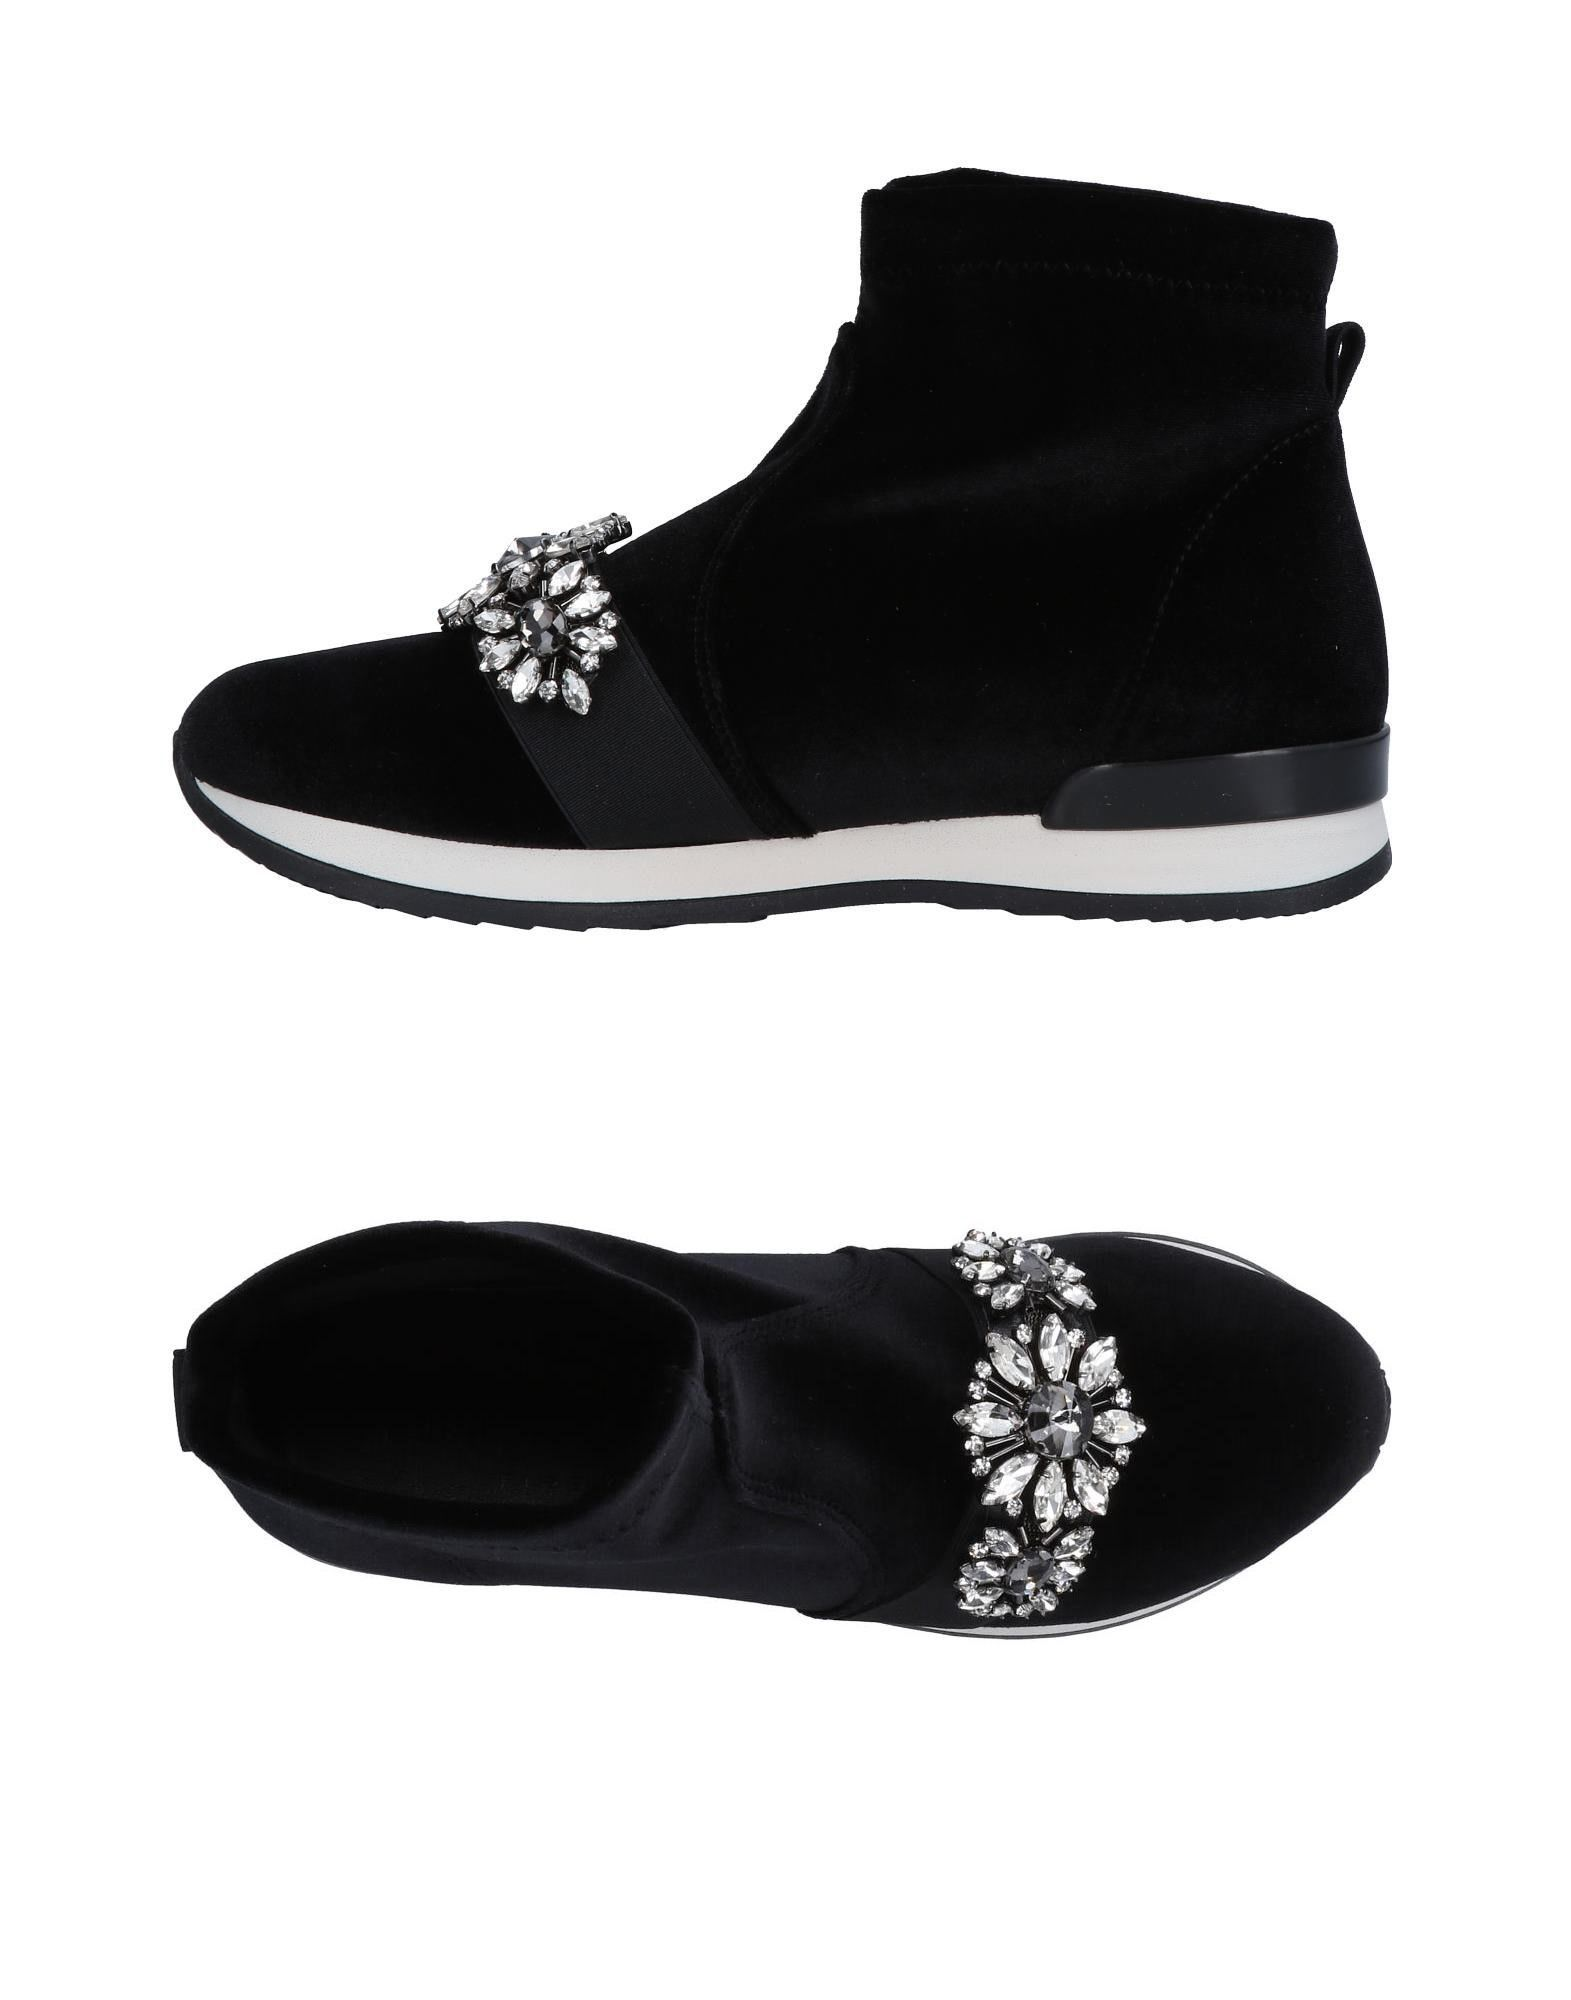 Nr Sneakers Rapisardi Sneakers Nr Damen Gutes Preis-Leistungs-Verhältnis, es lohnt sich 2503aa